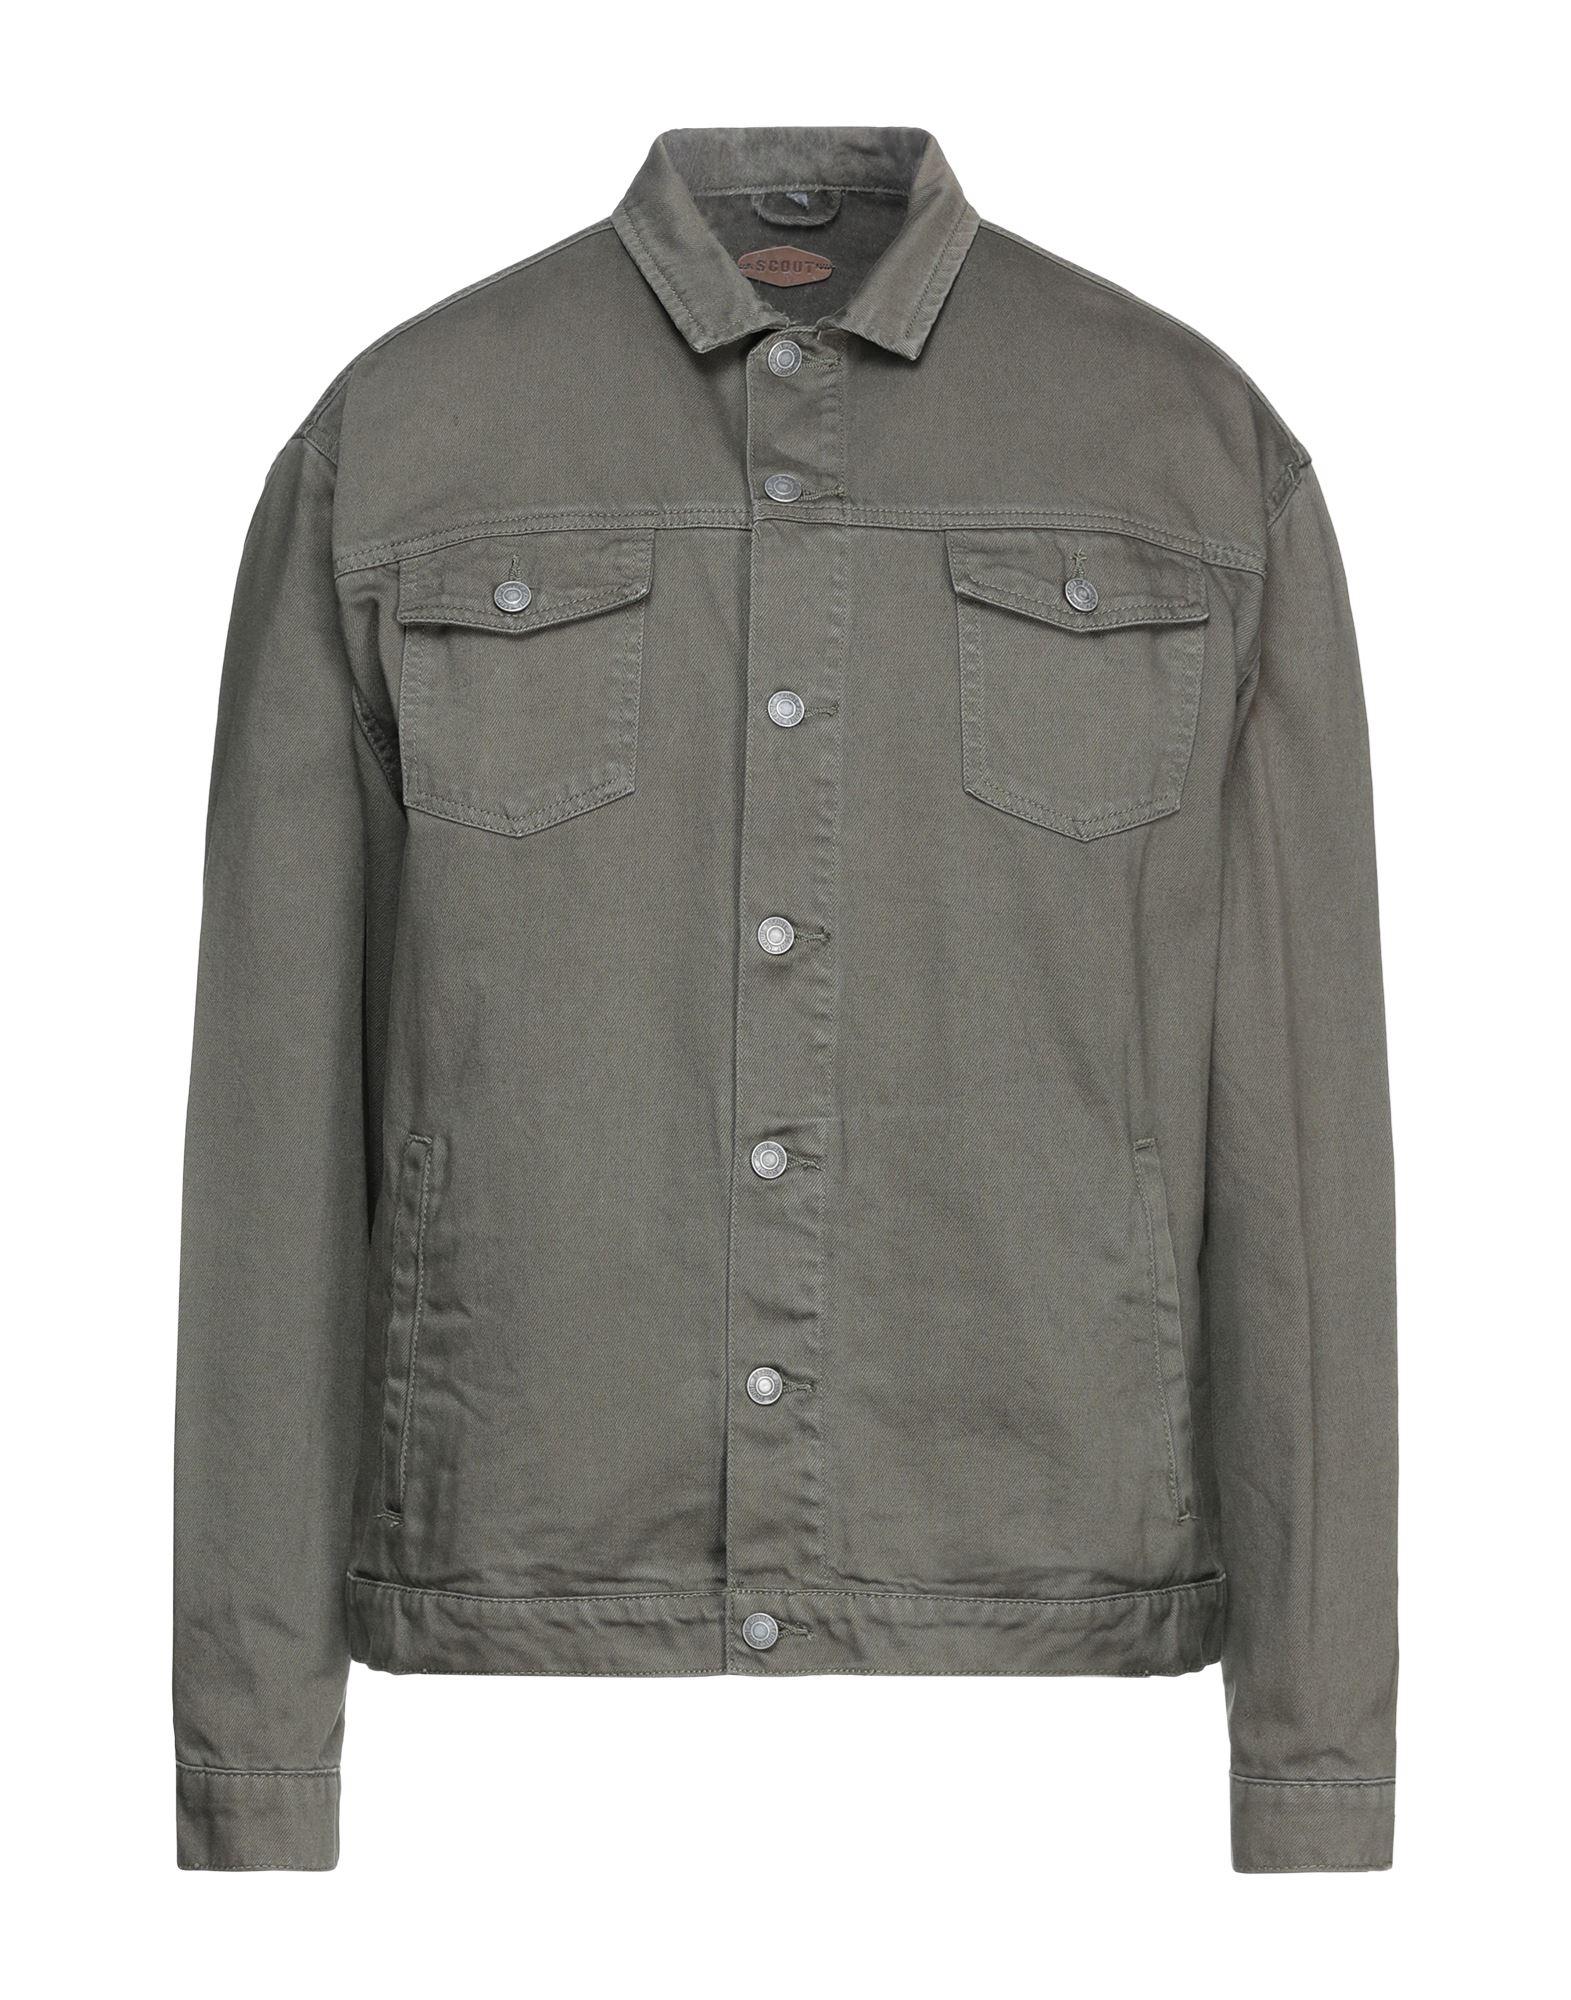 Фото - SCOUT Джинсовая верхняя одежда scout джинсовая верхняя одежда